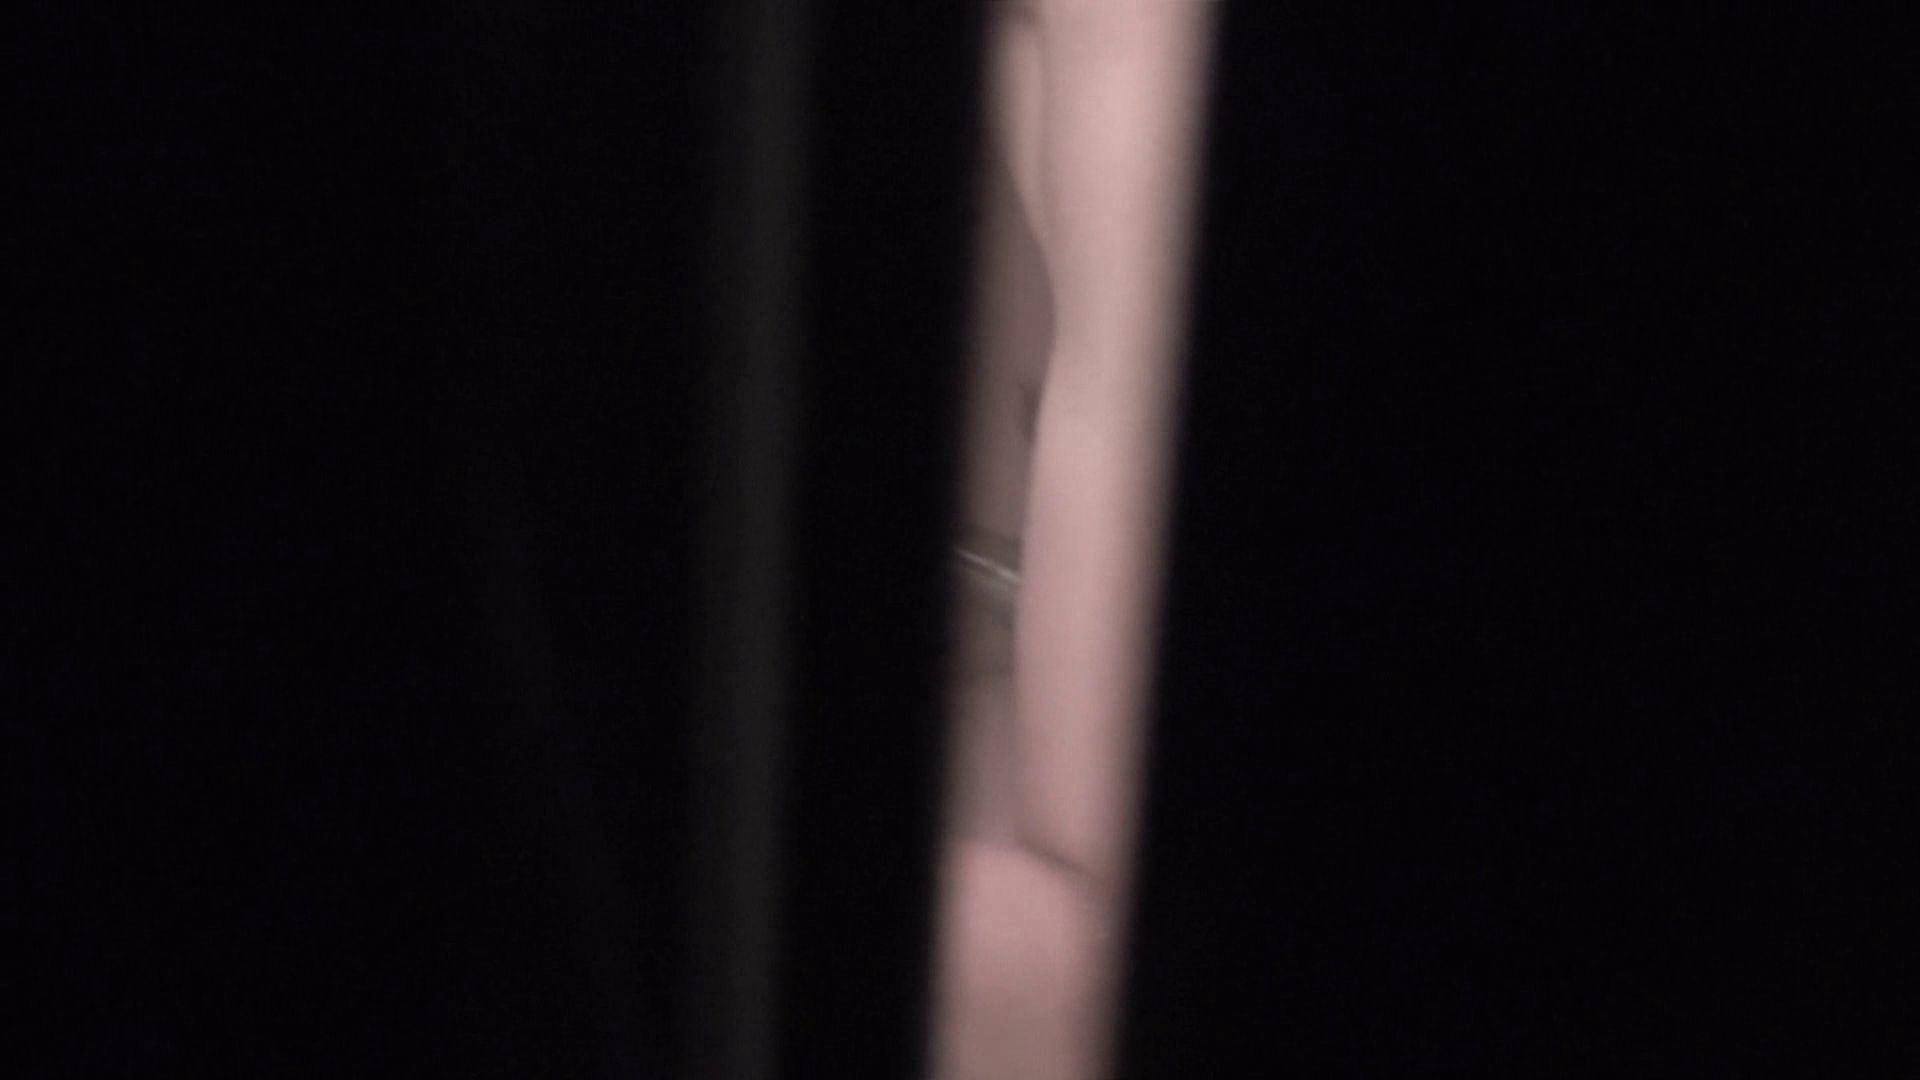 民家の騎士さんの最後の性戦ハイビジョン!!No.48 覗き オメコ無修正動画無料 38連発 29